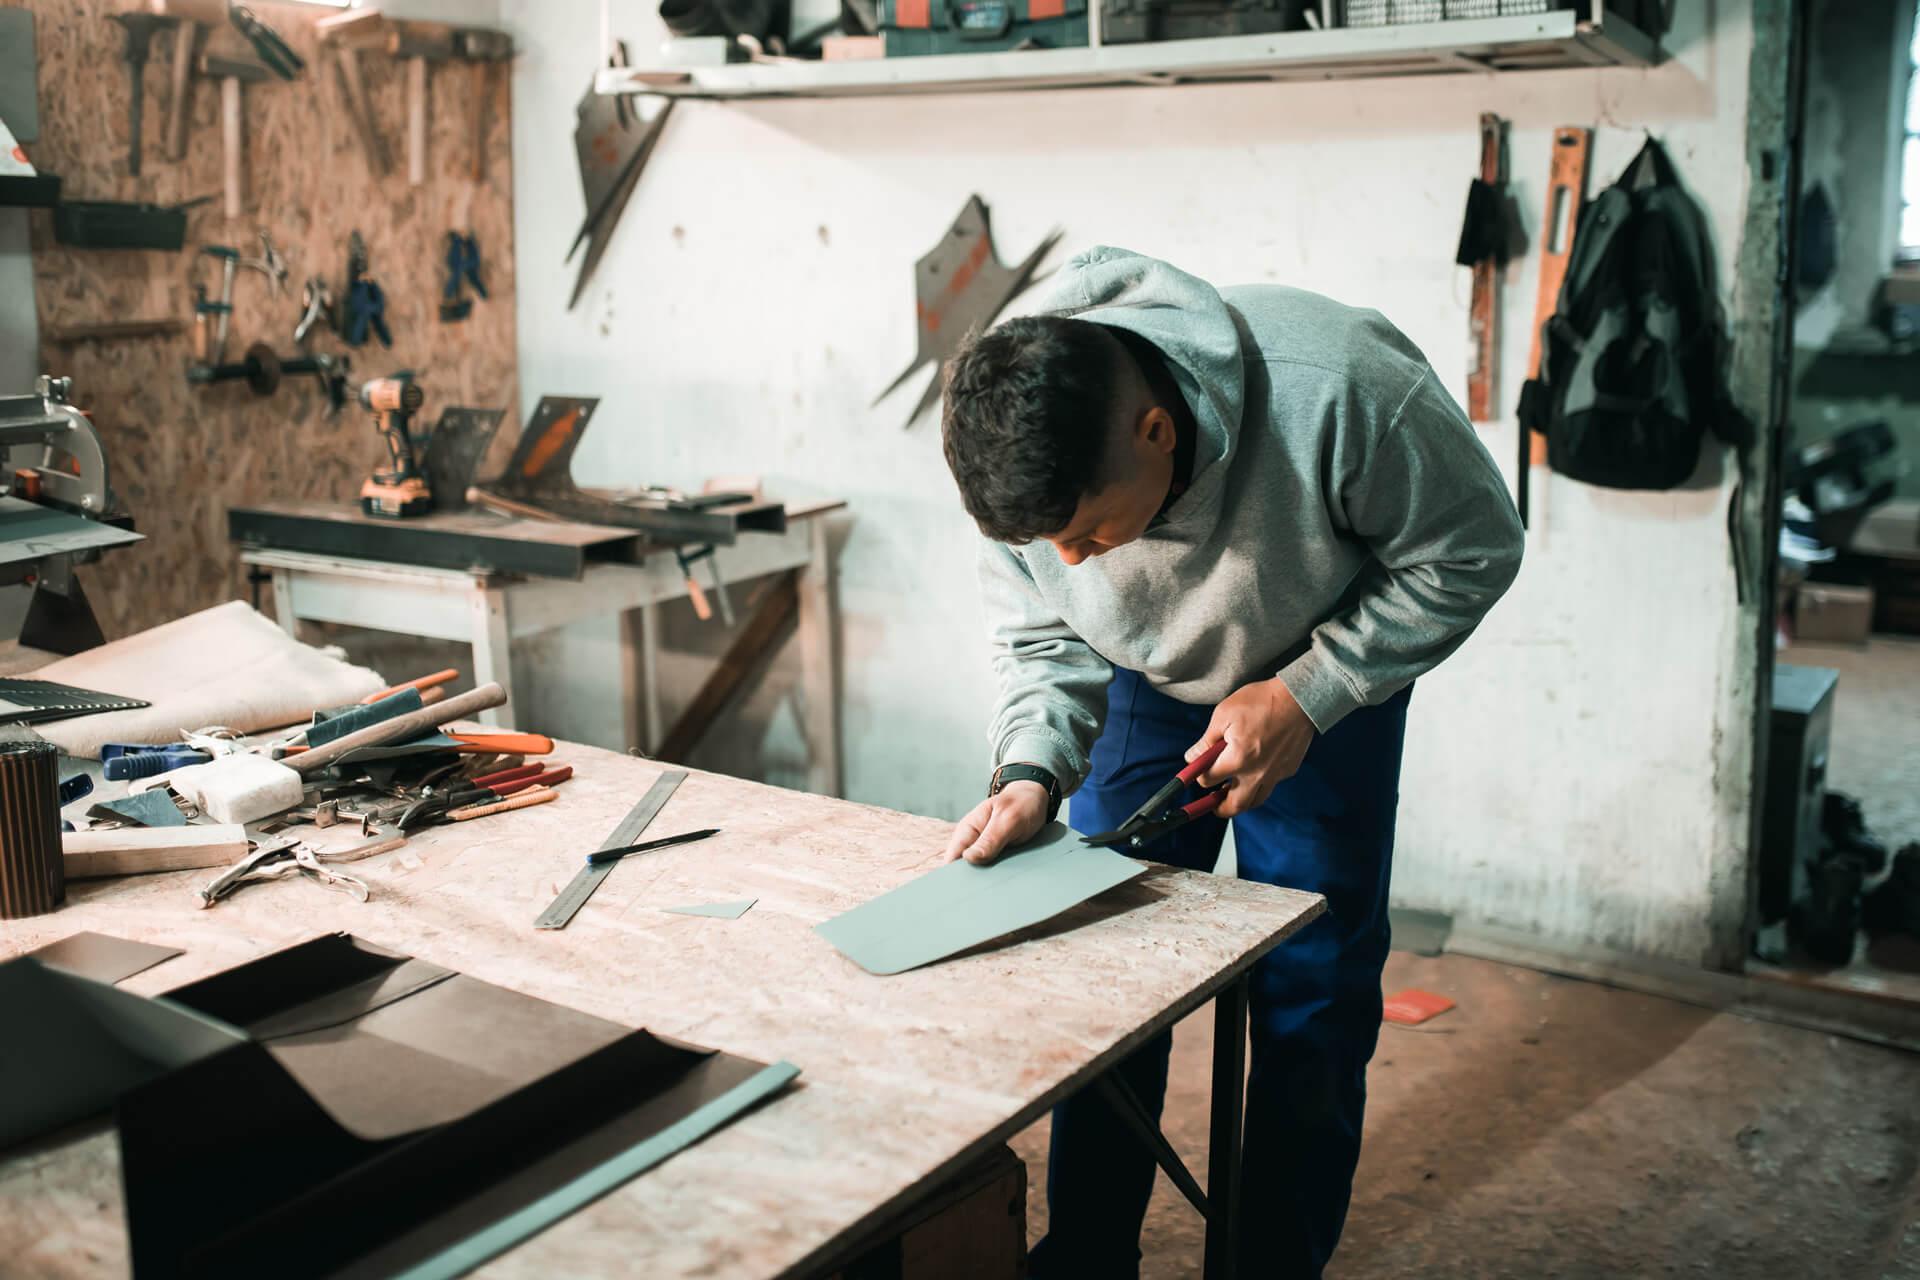 Offres comparatives d'artisans régionaux